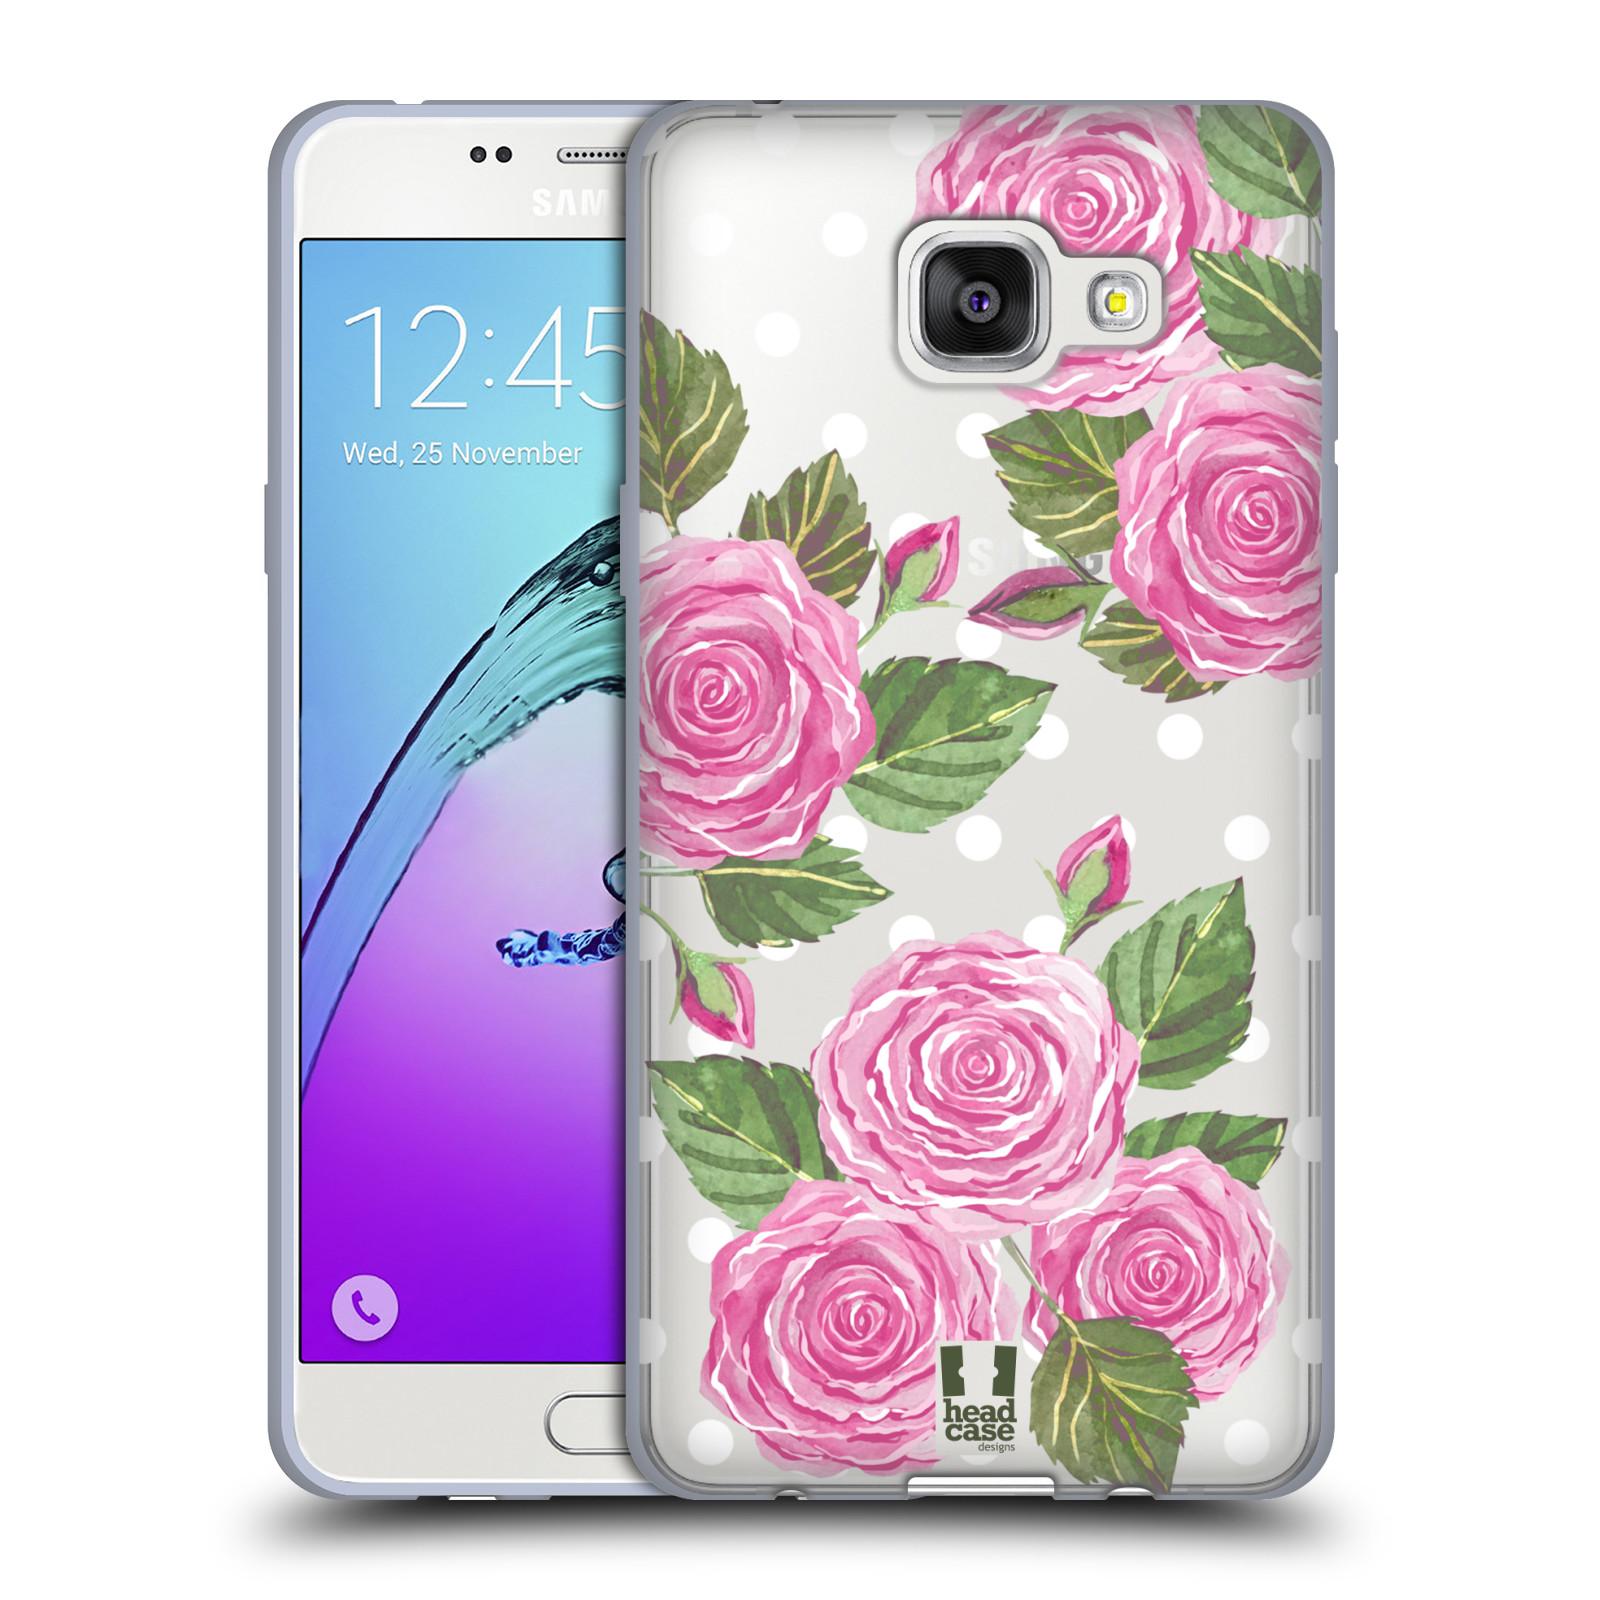 Silikonové pouzdro na mobil Samsung Galaxy A5 (2016) - Head Case - Hezoučké růžičky - průhledné